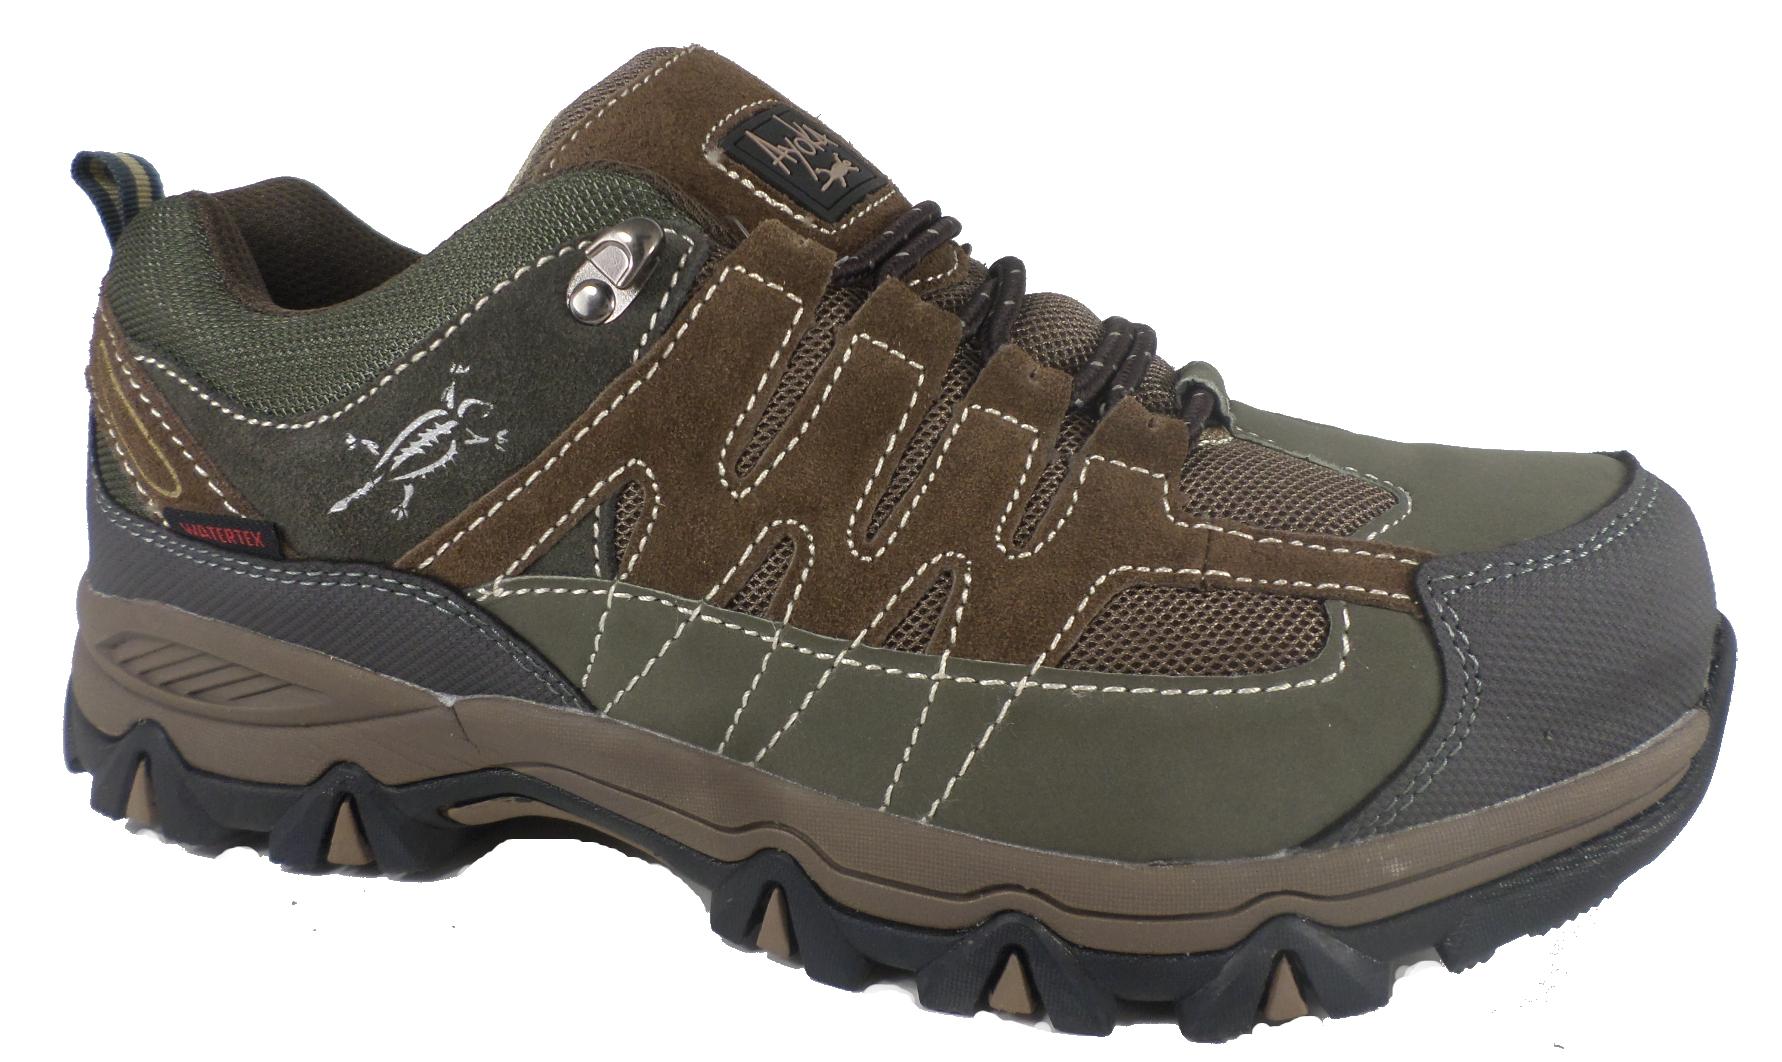 Basses De Kaki Mir Chaussures Travail 0knOwP